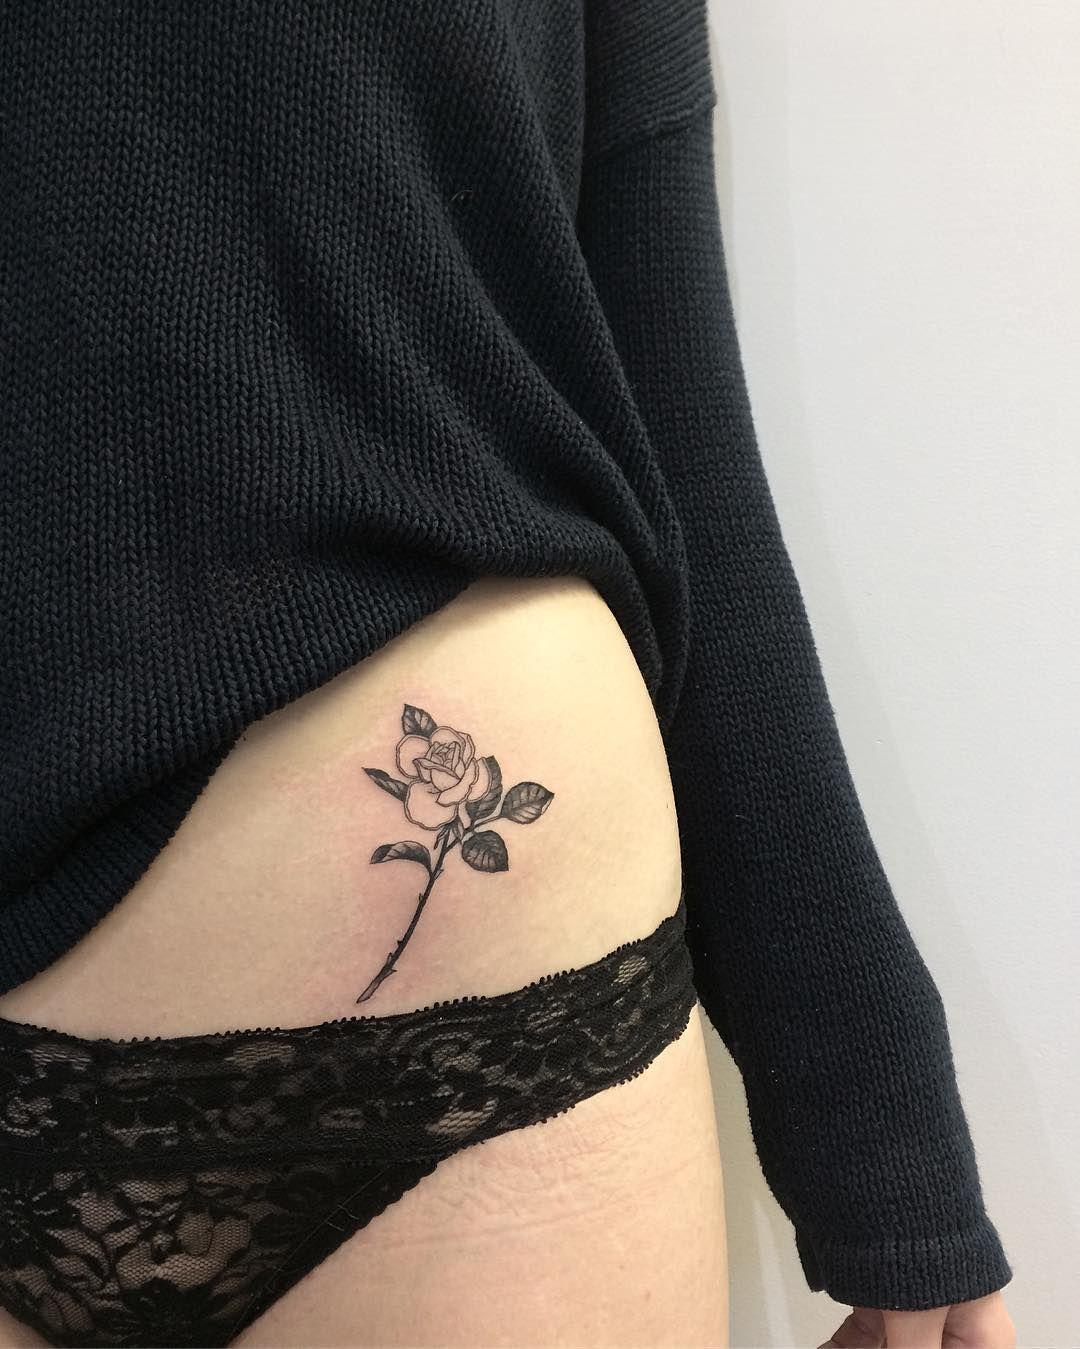 Rosa En Cadera Tatuajes Pequeños Pinterest Tatuajes Mejor